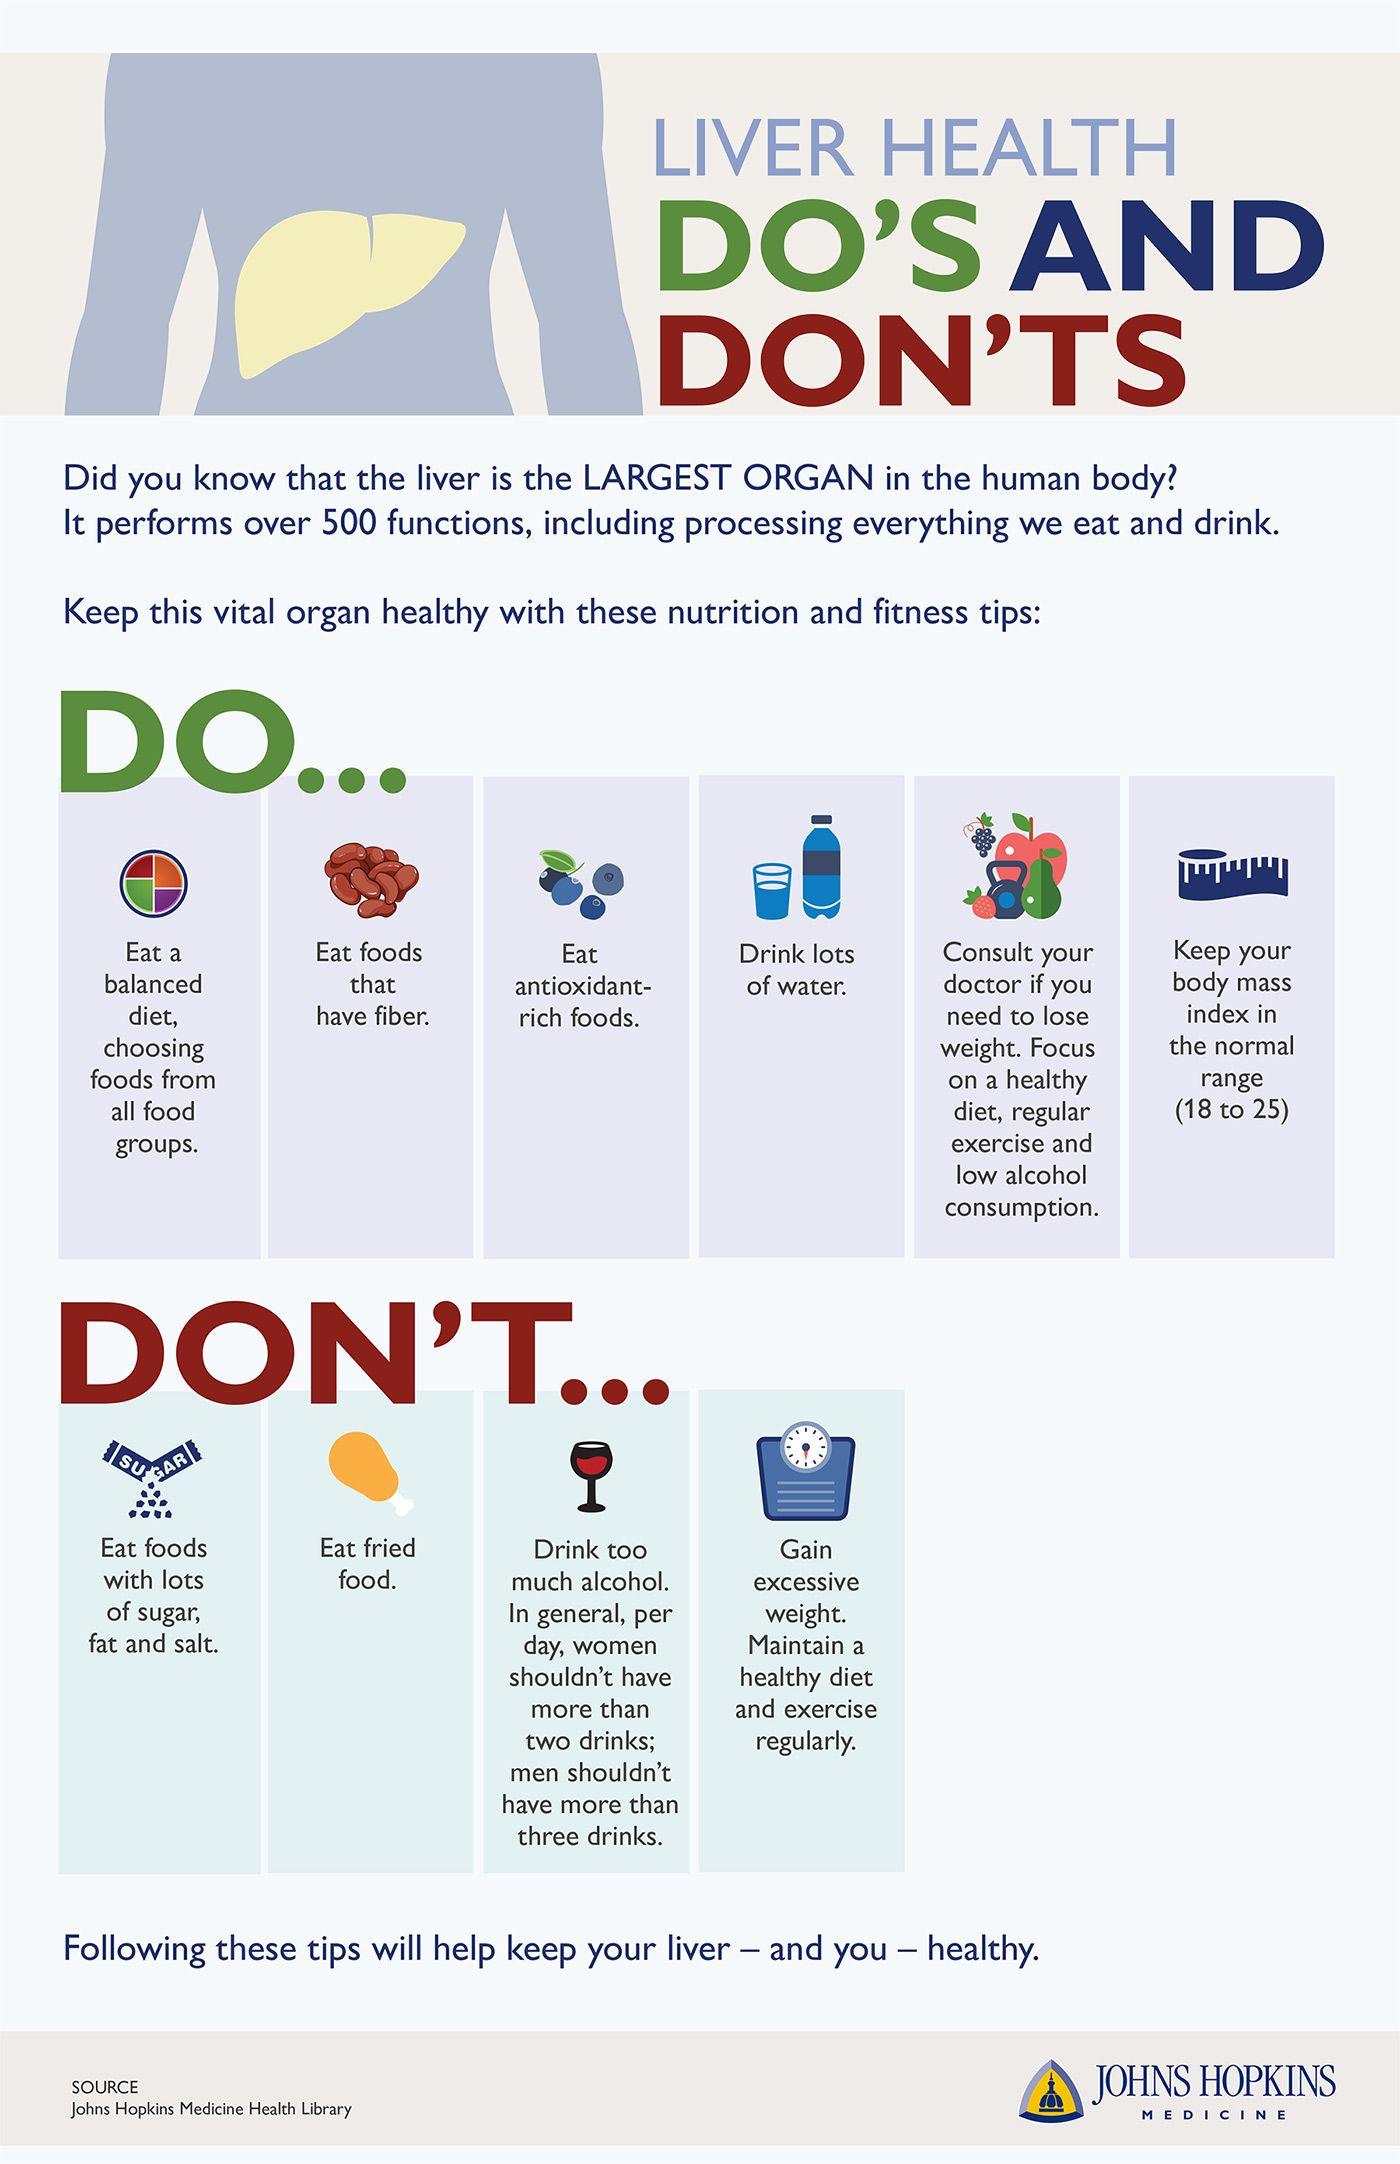 Johns Hopkins Liver Health Infographic Nice Do List